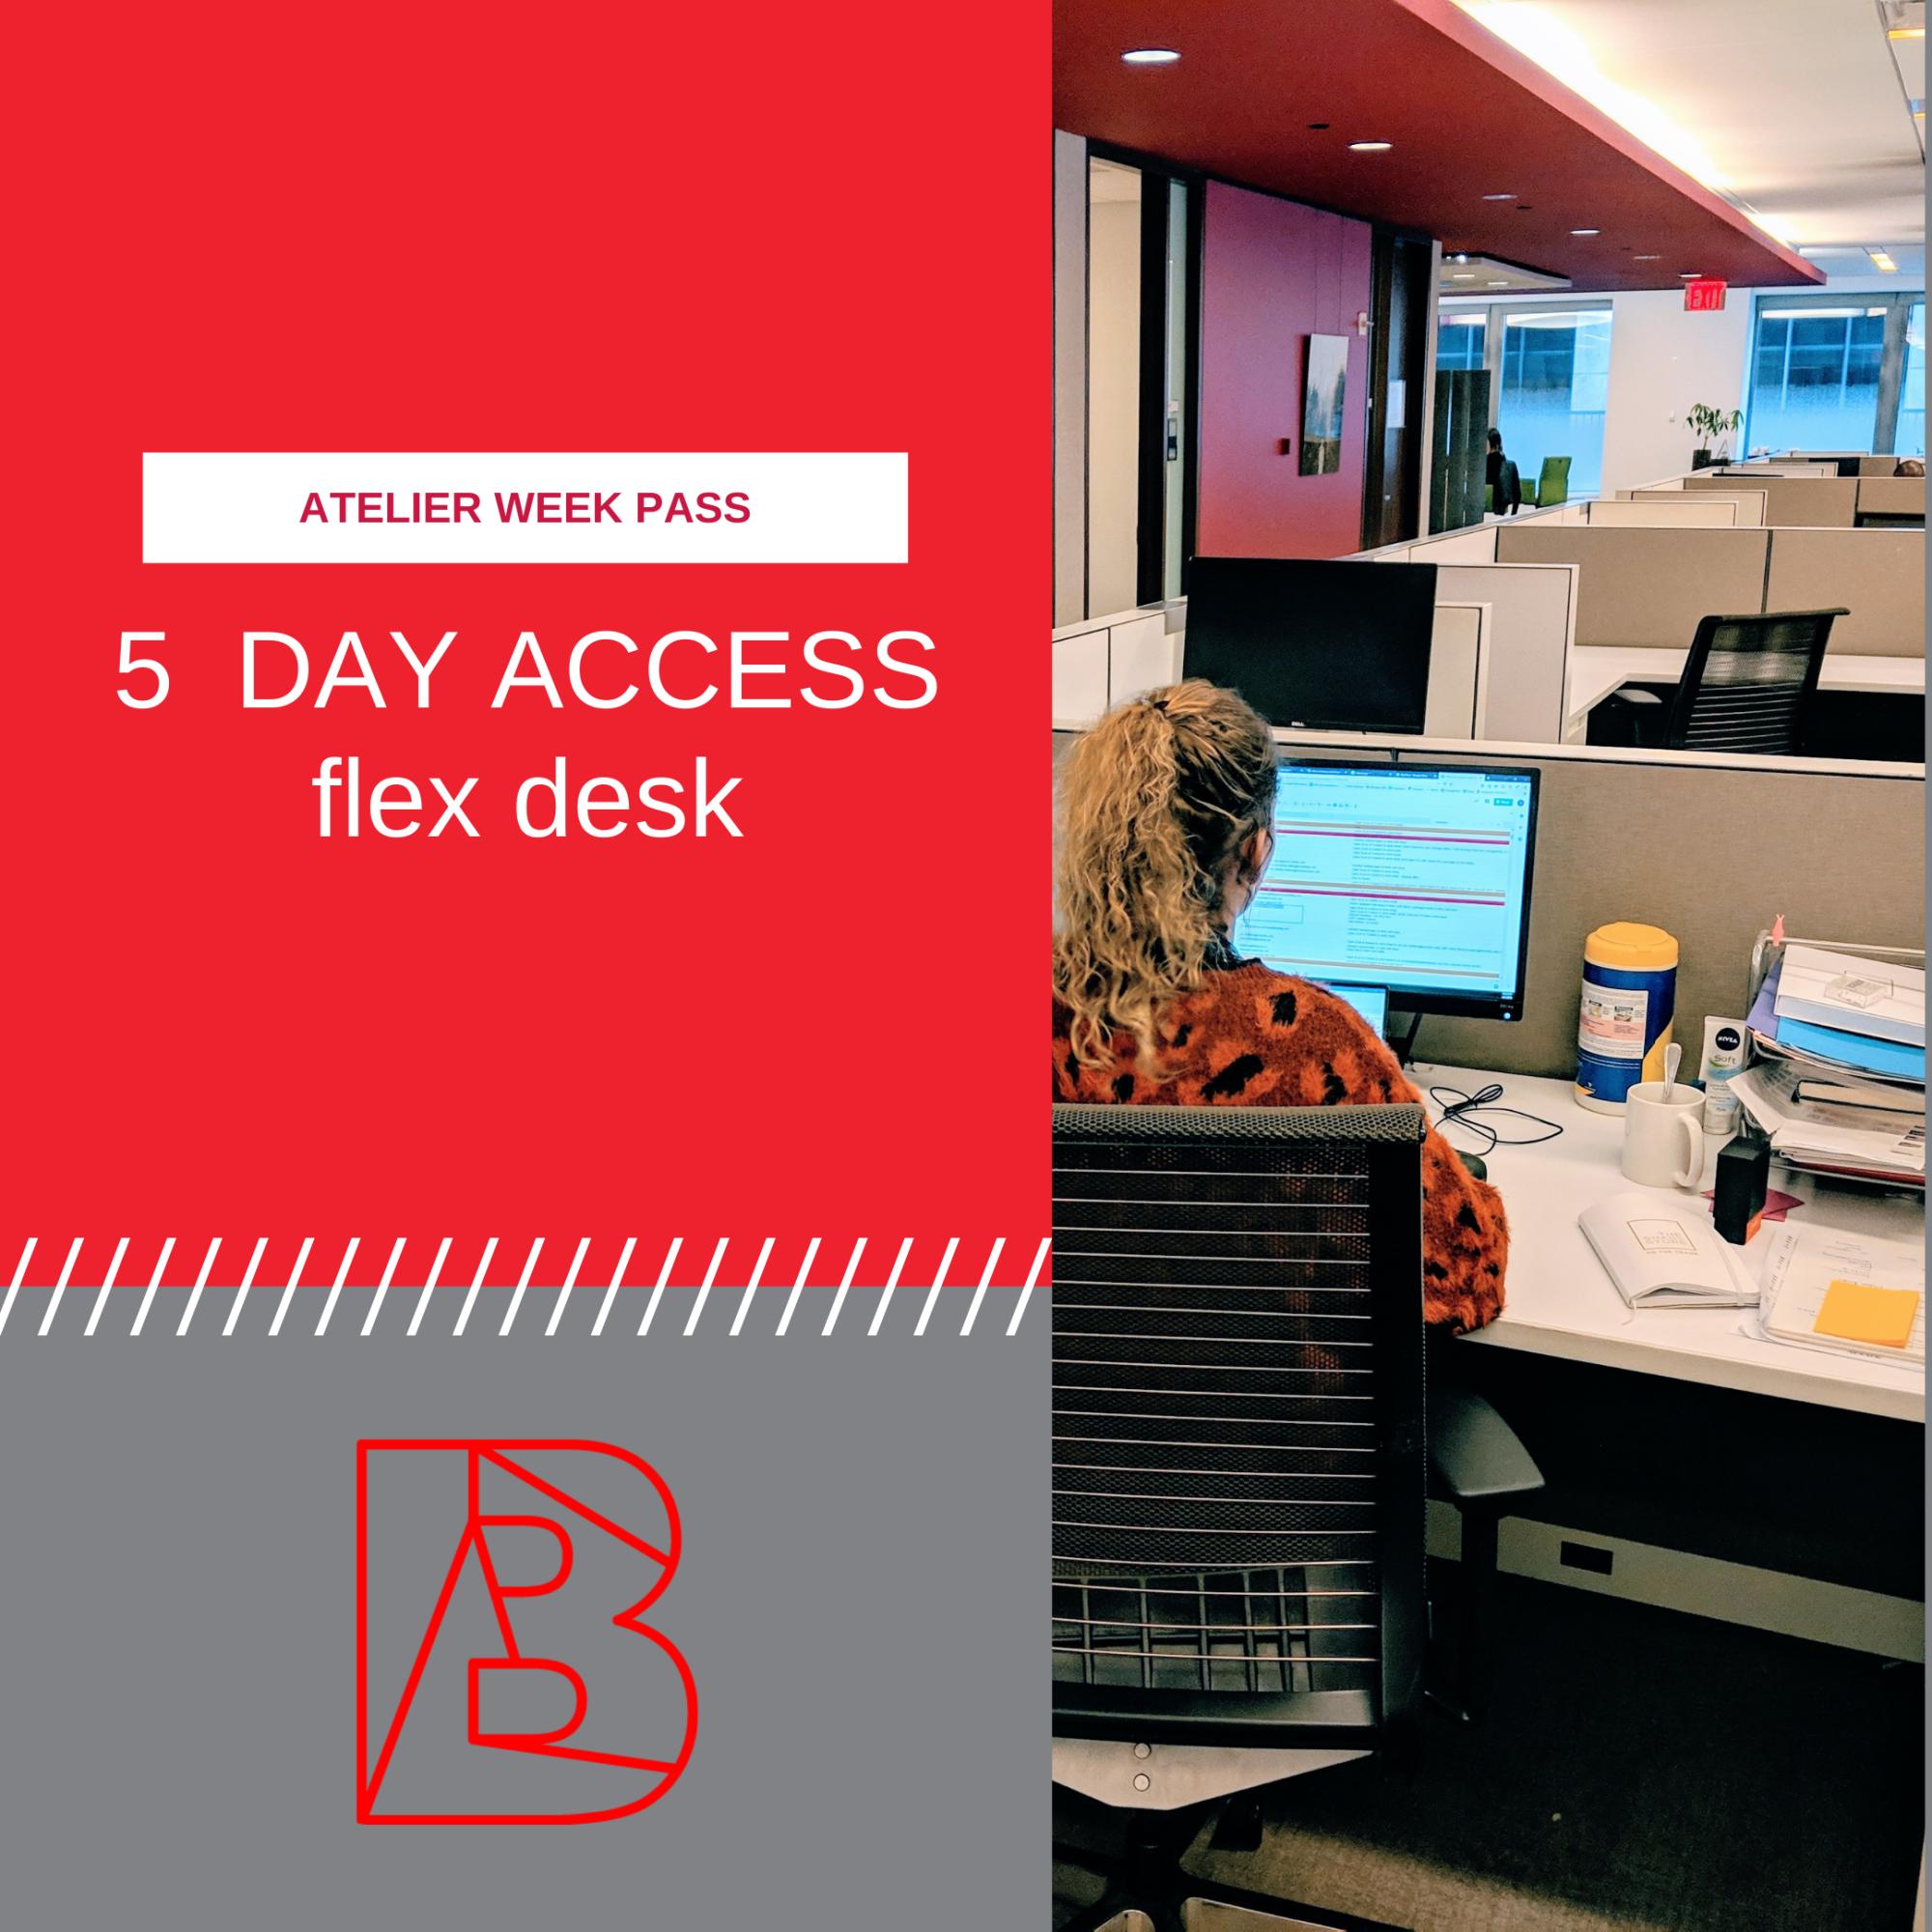 week pass for flex desk